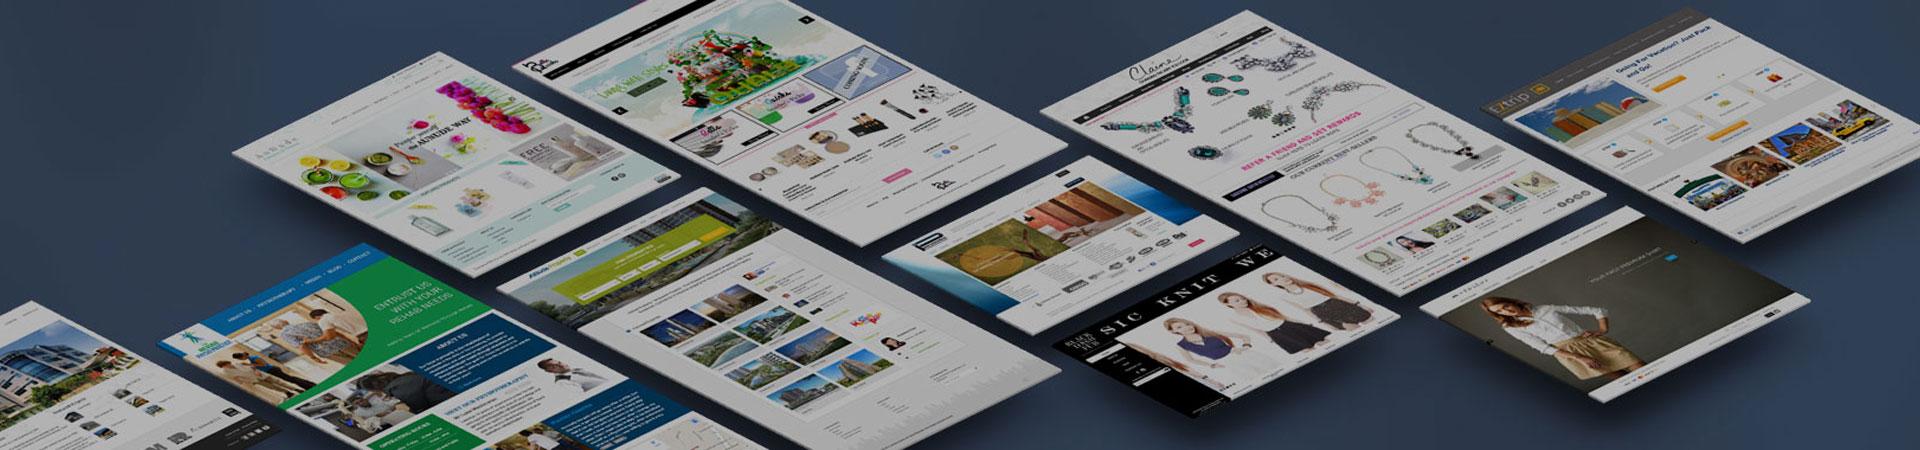 Website Design Singapore - Go Bananas